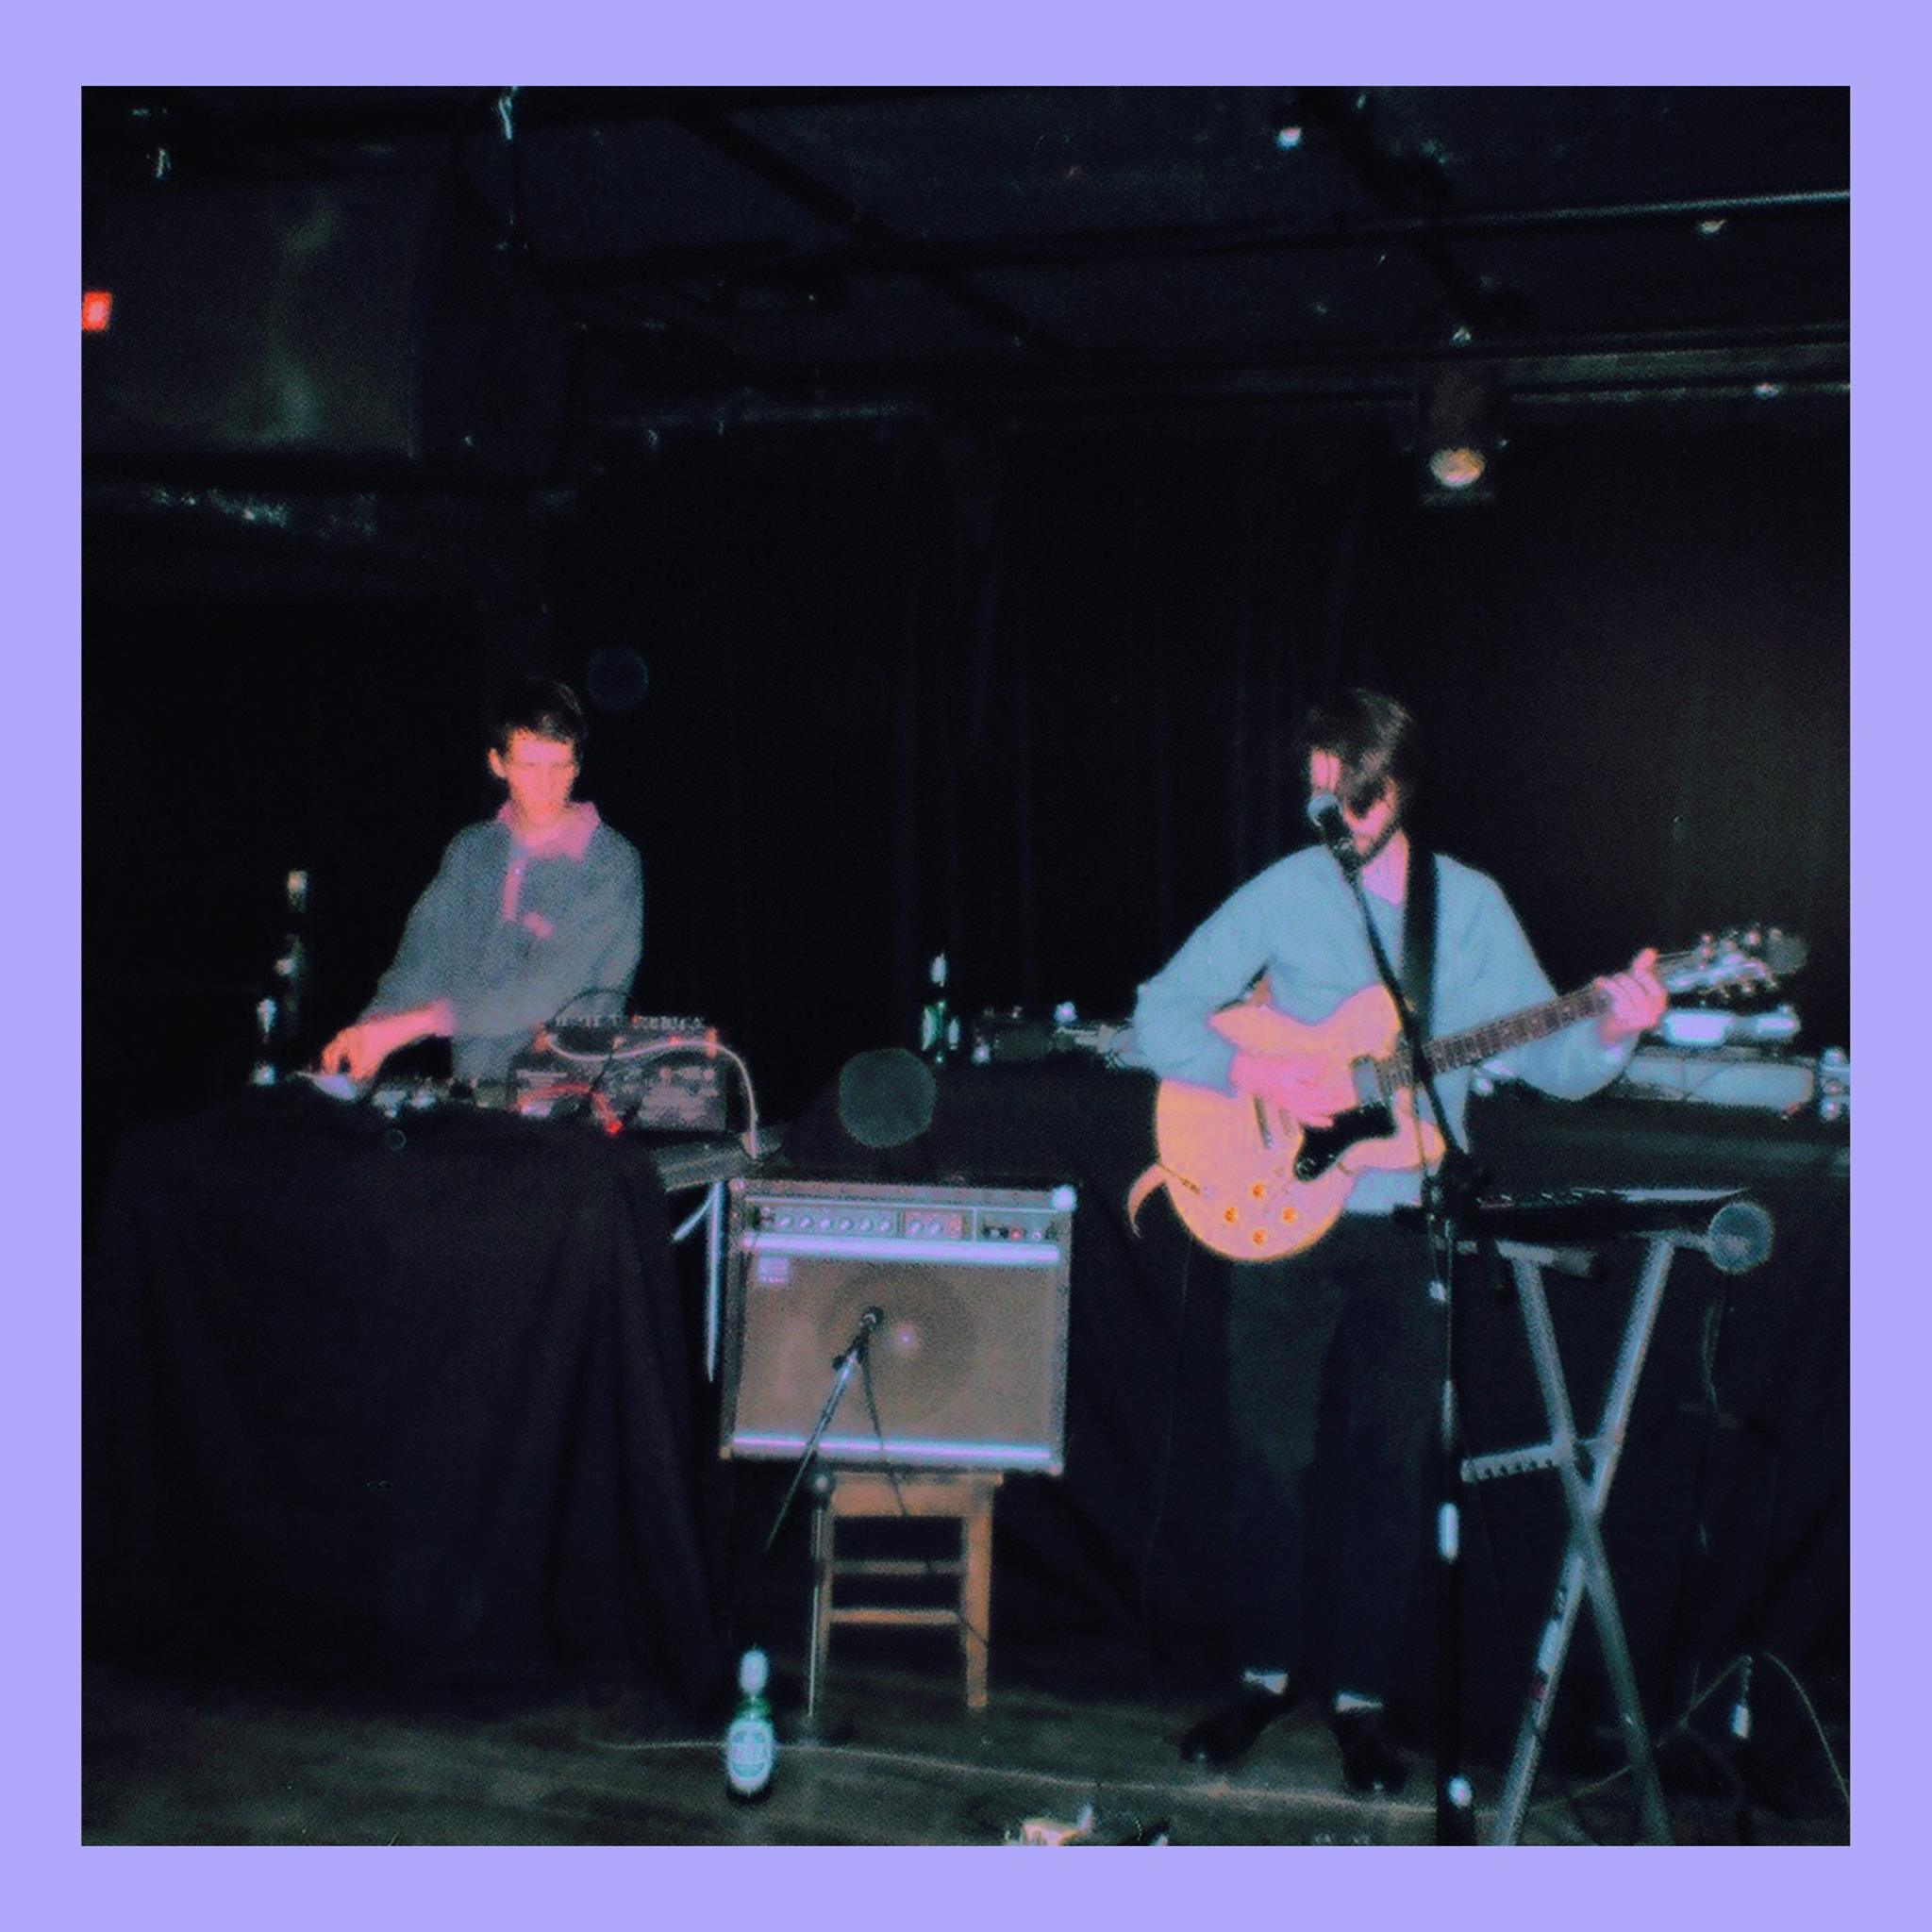 Kadr z koncertu, dwóch mężczyzn na scenie